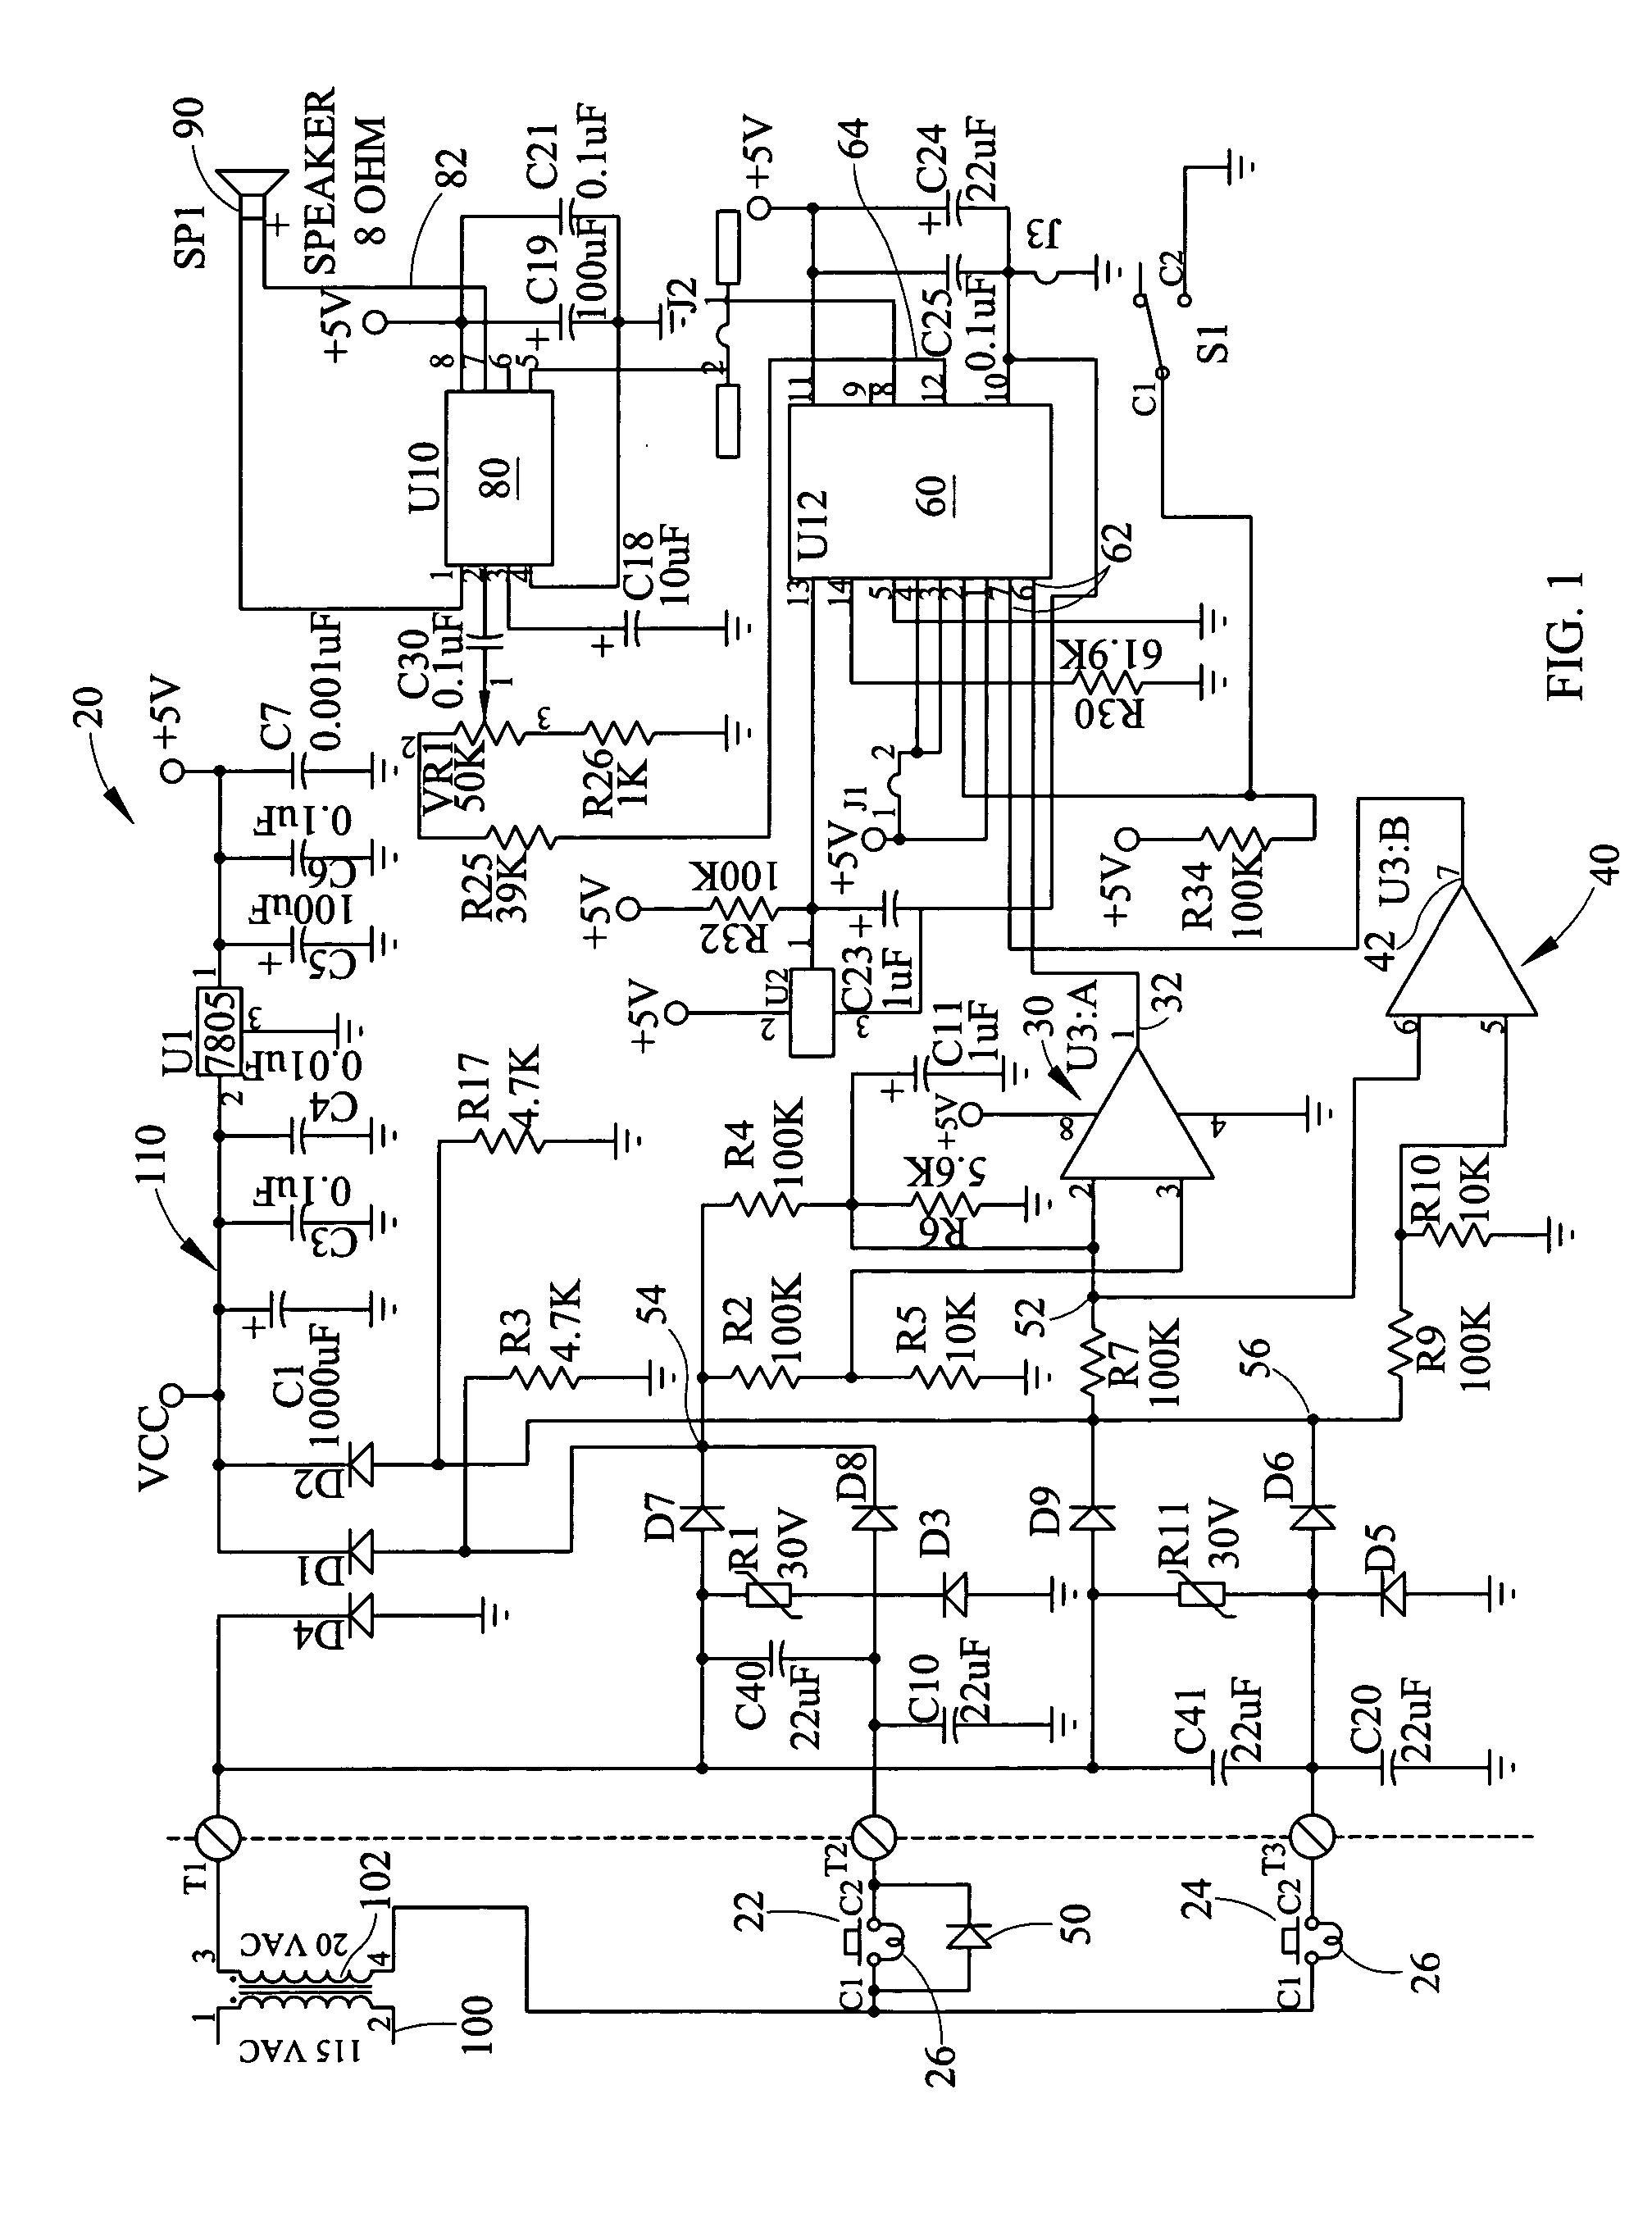 brevet us20070008077 reversible diode doorbell detection circuit Home Doorbell Wiring patent drawing